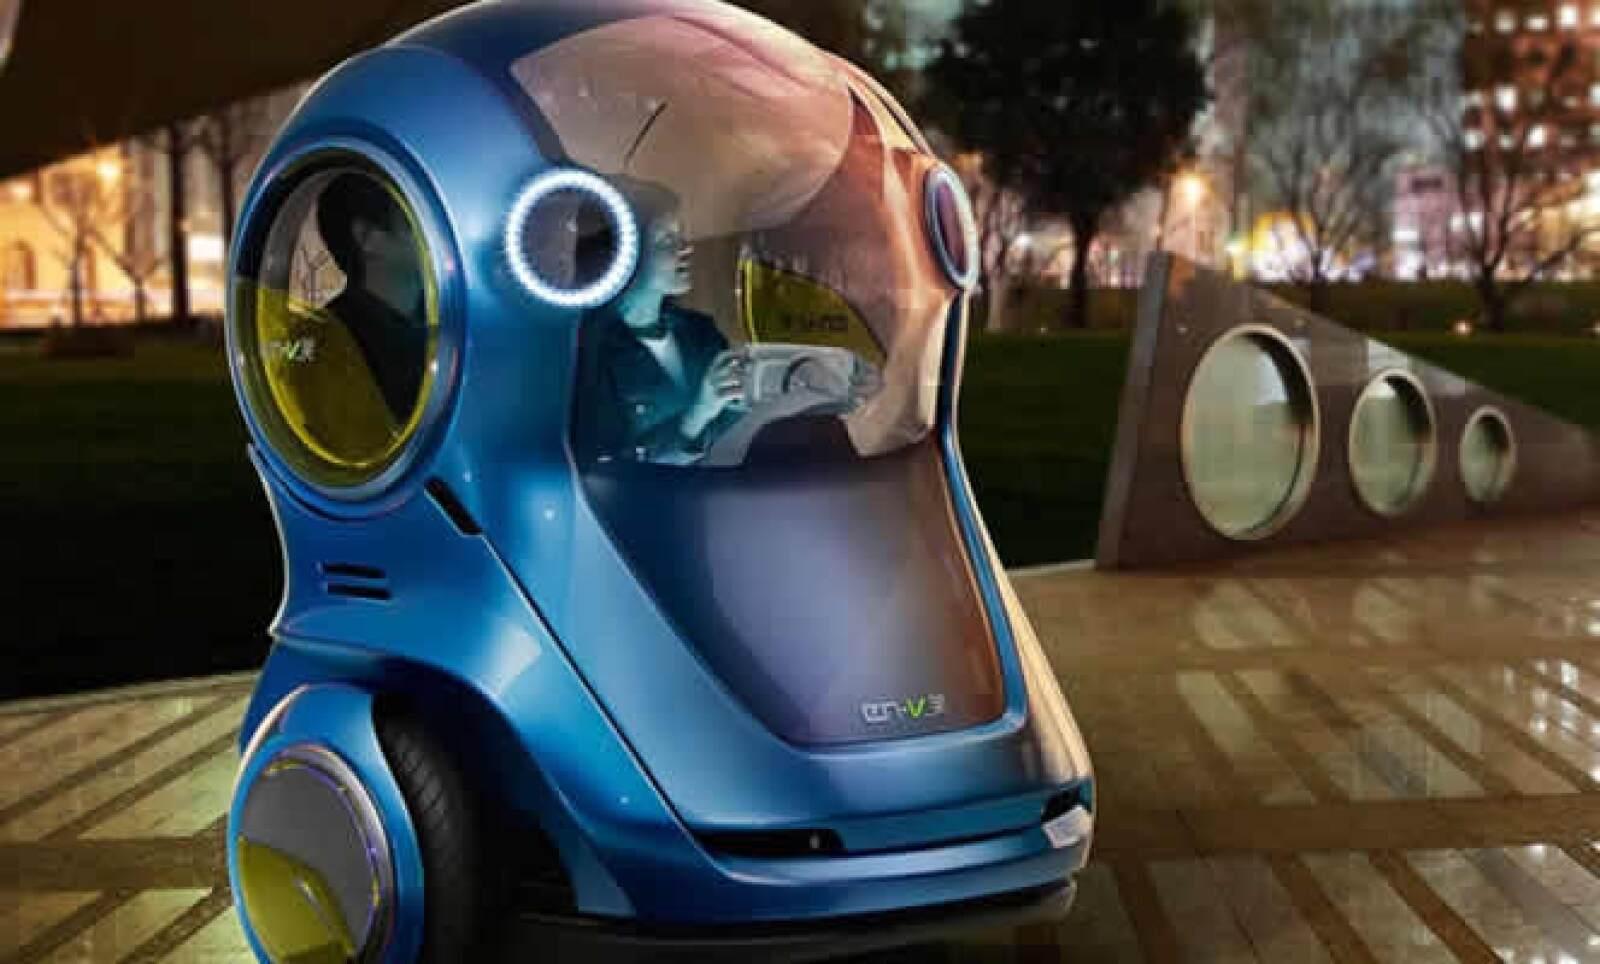 Al combinar el GPS con comunicaciones de vehículo a vehículo y tecnologías sensibles a la distancia, se puede conducir tanto en forma manual como automática.